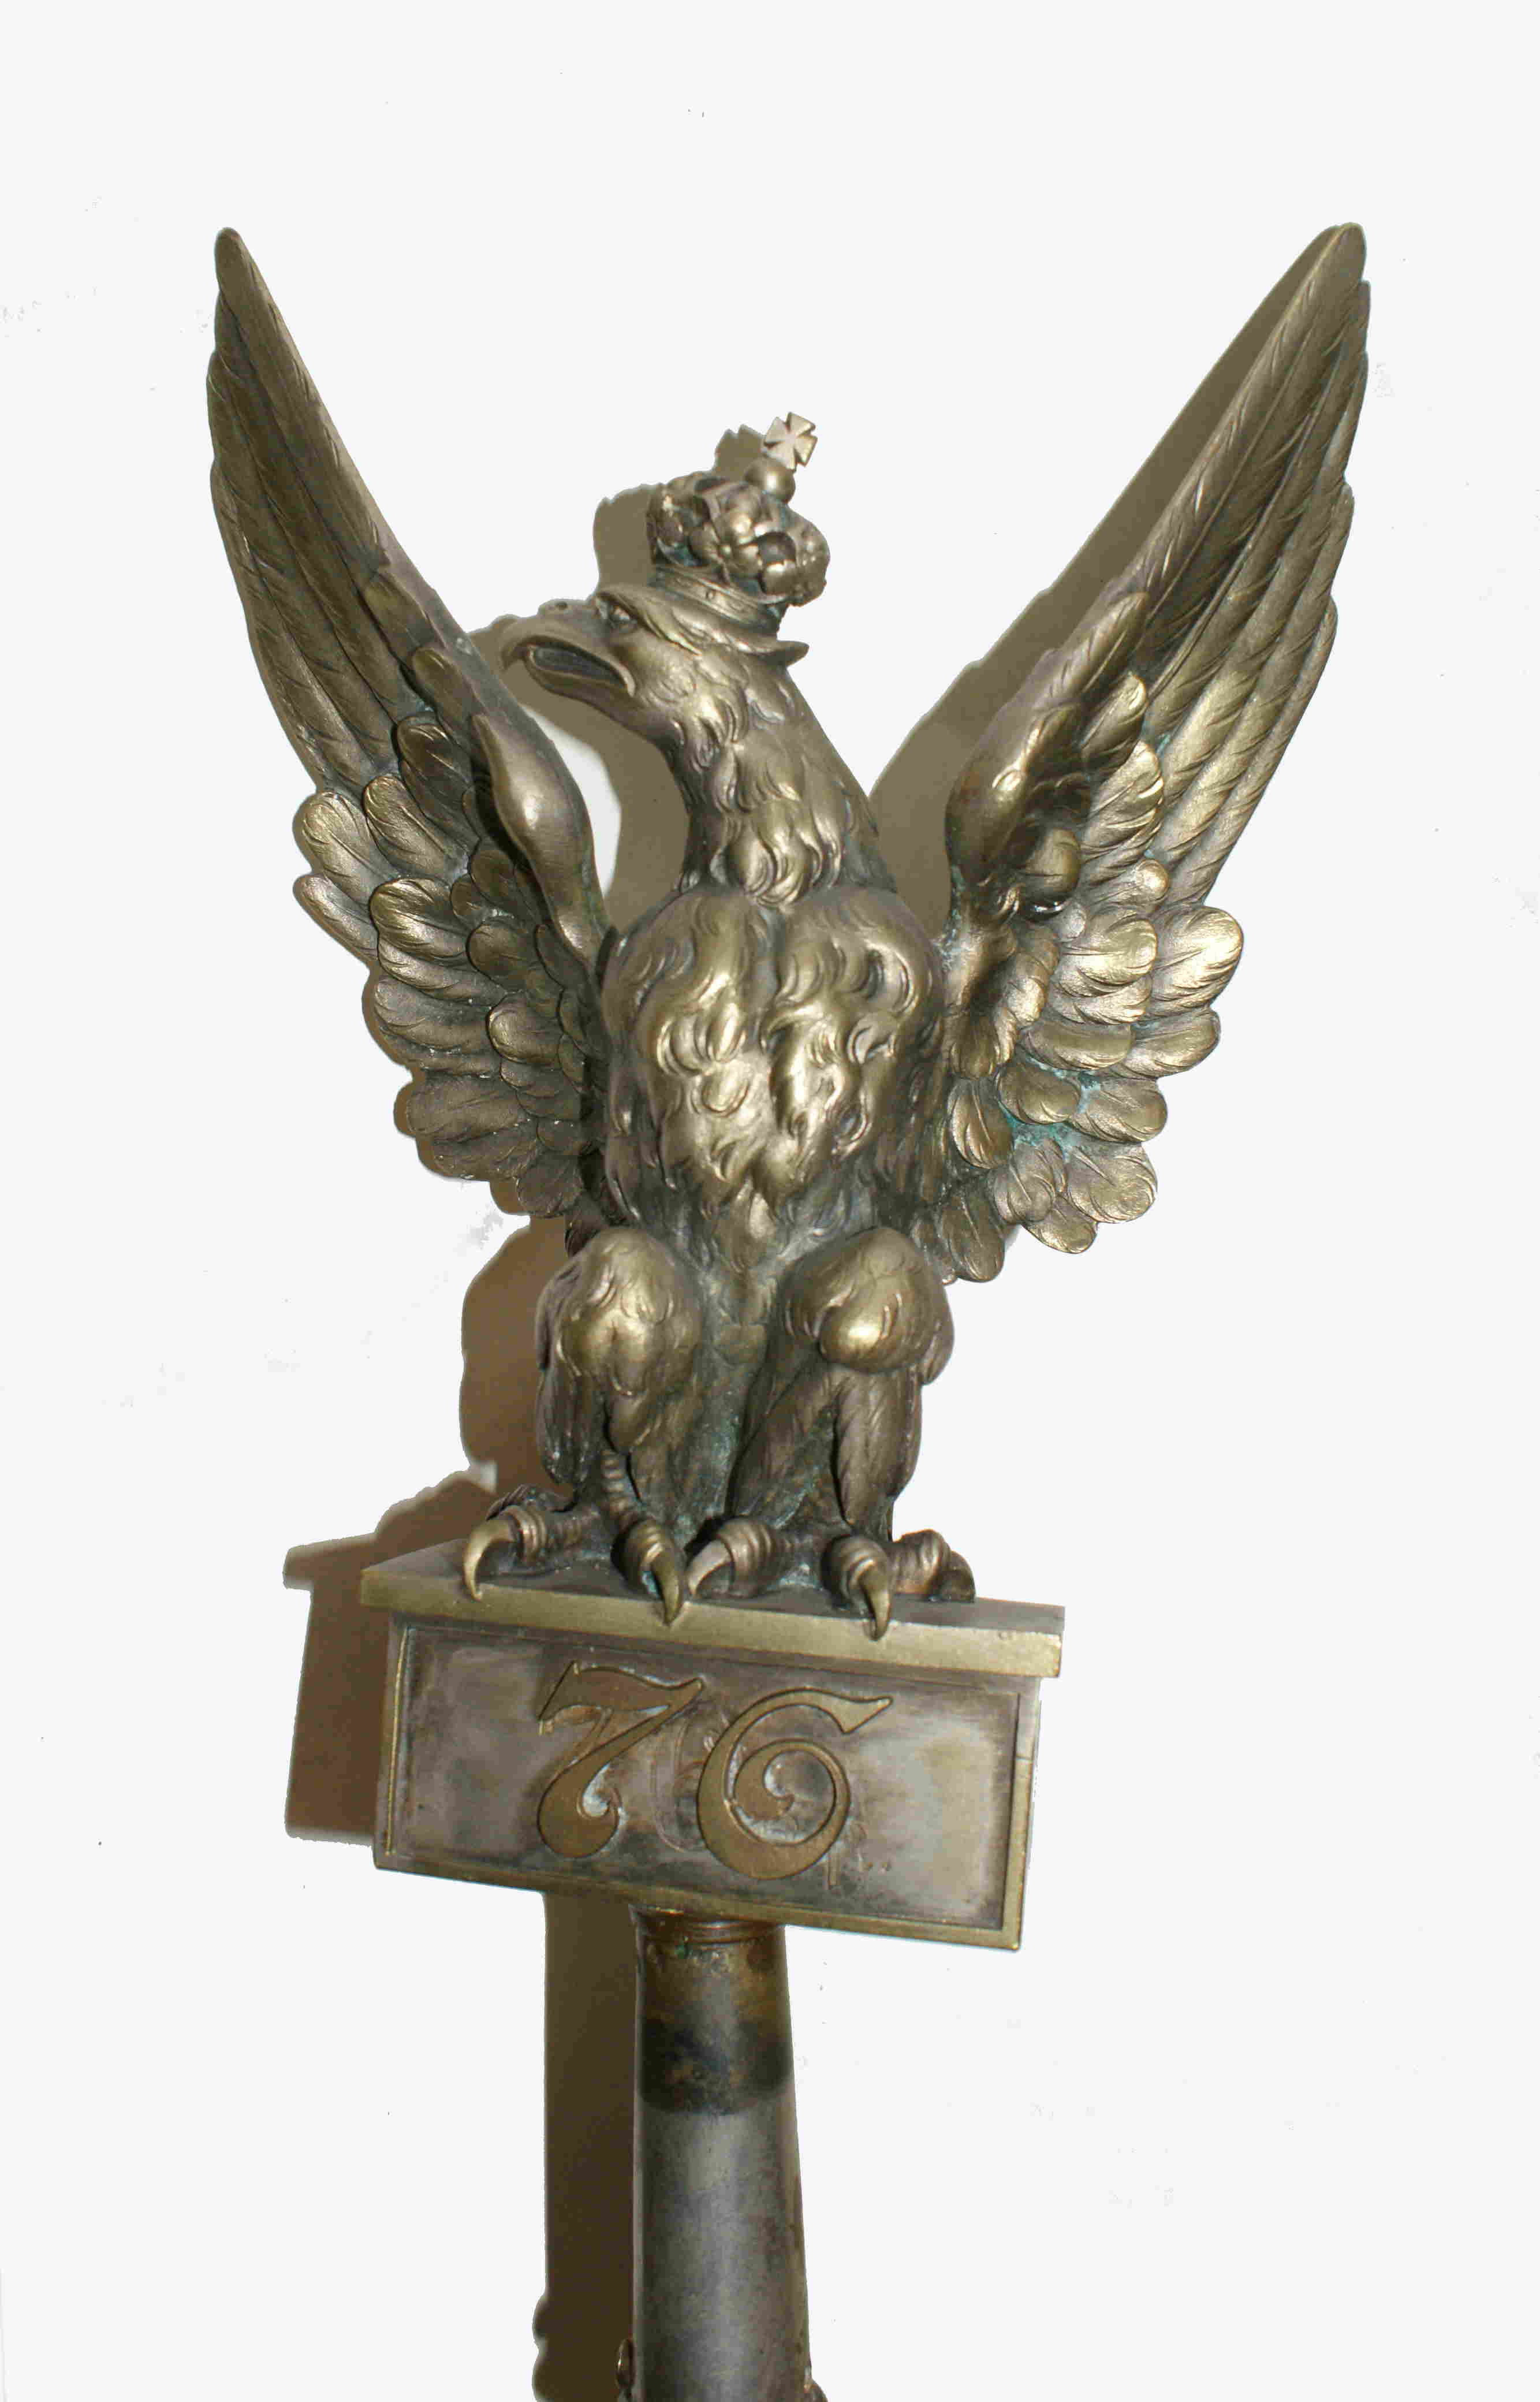 G�owica sztandaru 76. pu�ku piechoty im. Ludwika Narbutta z Lidy